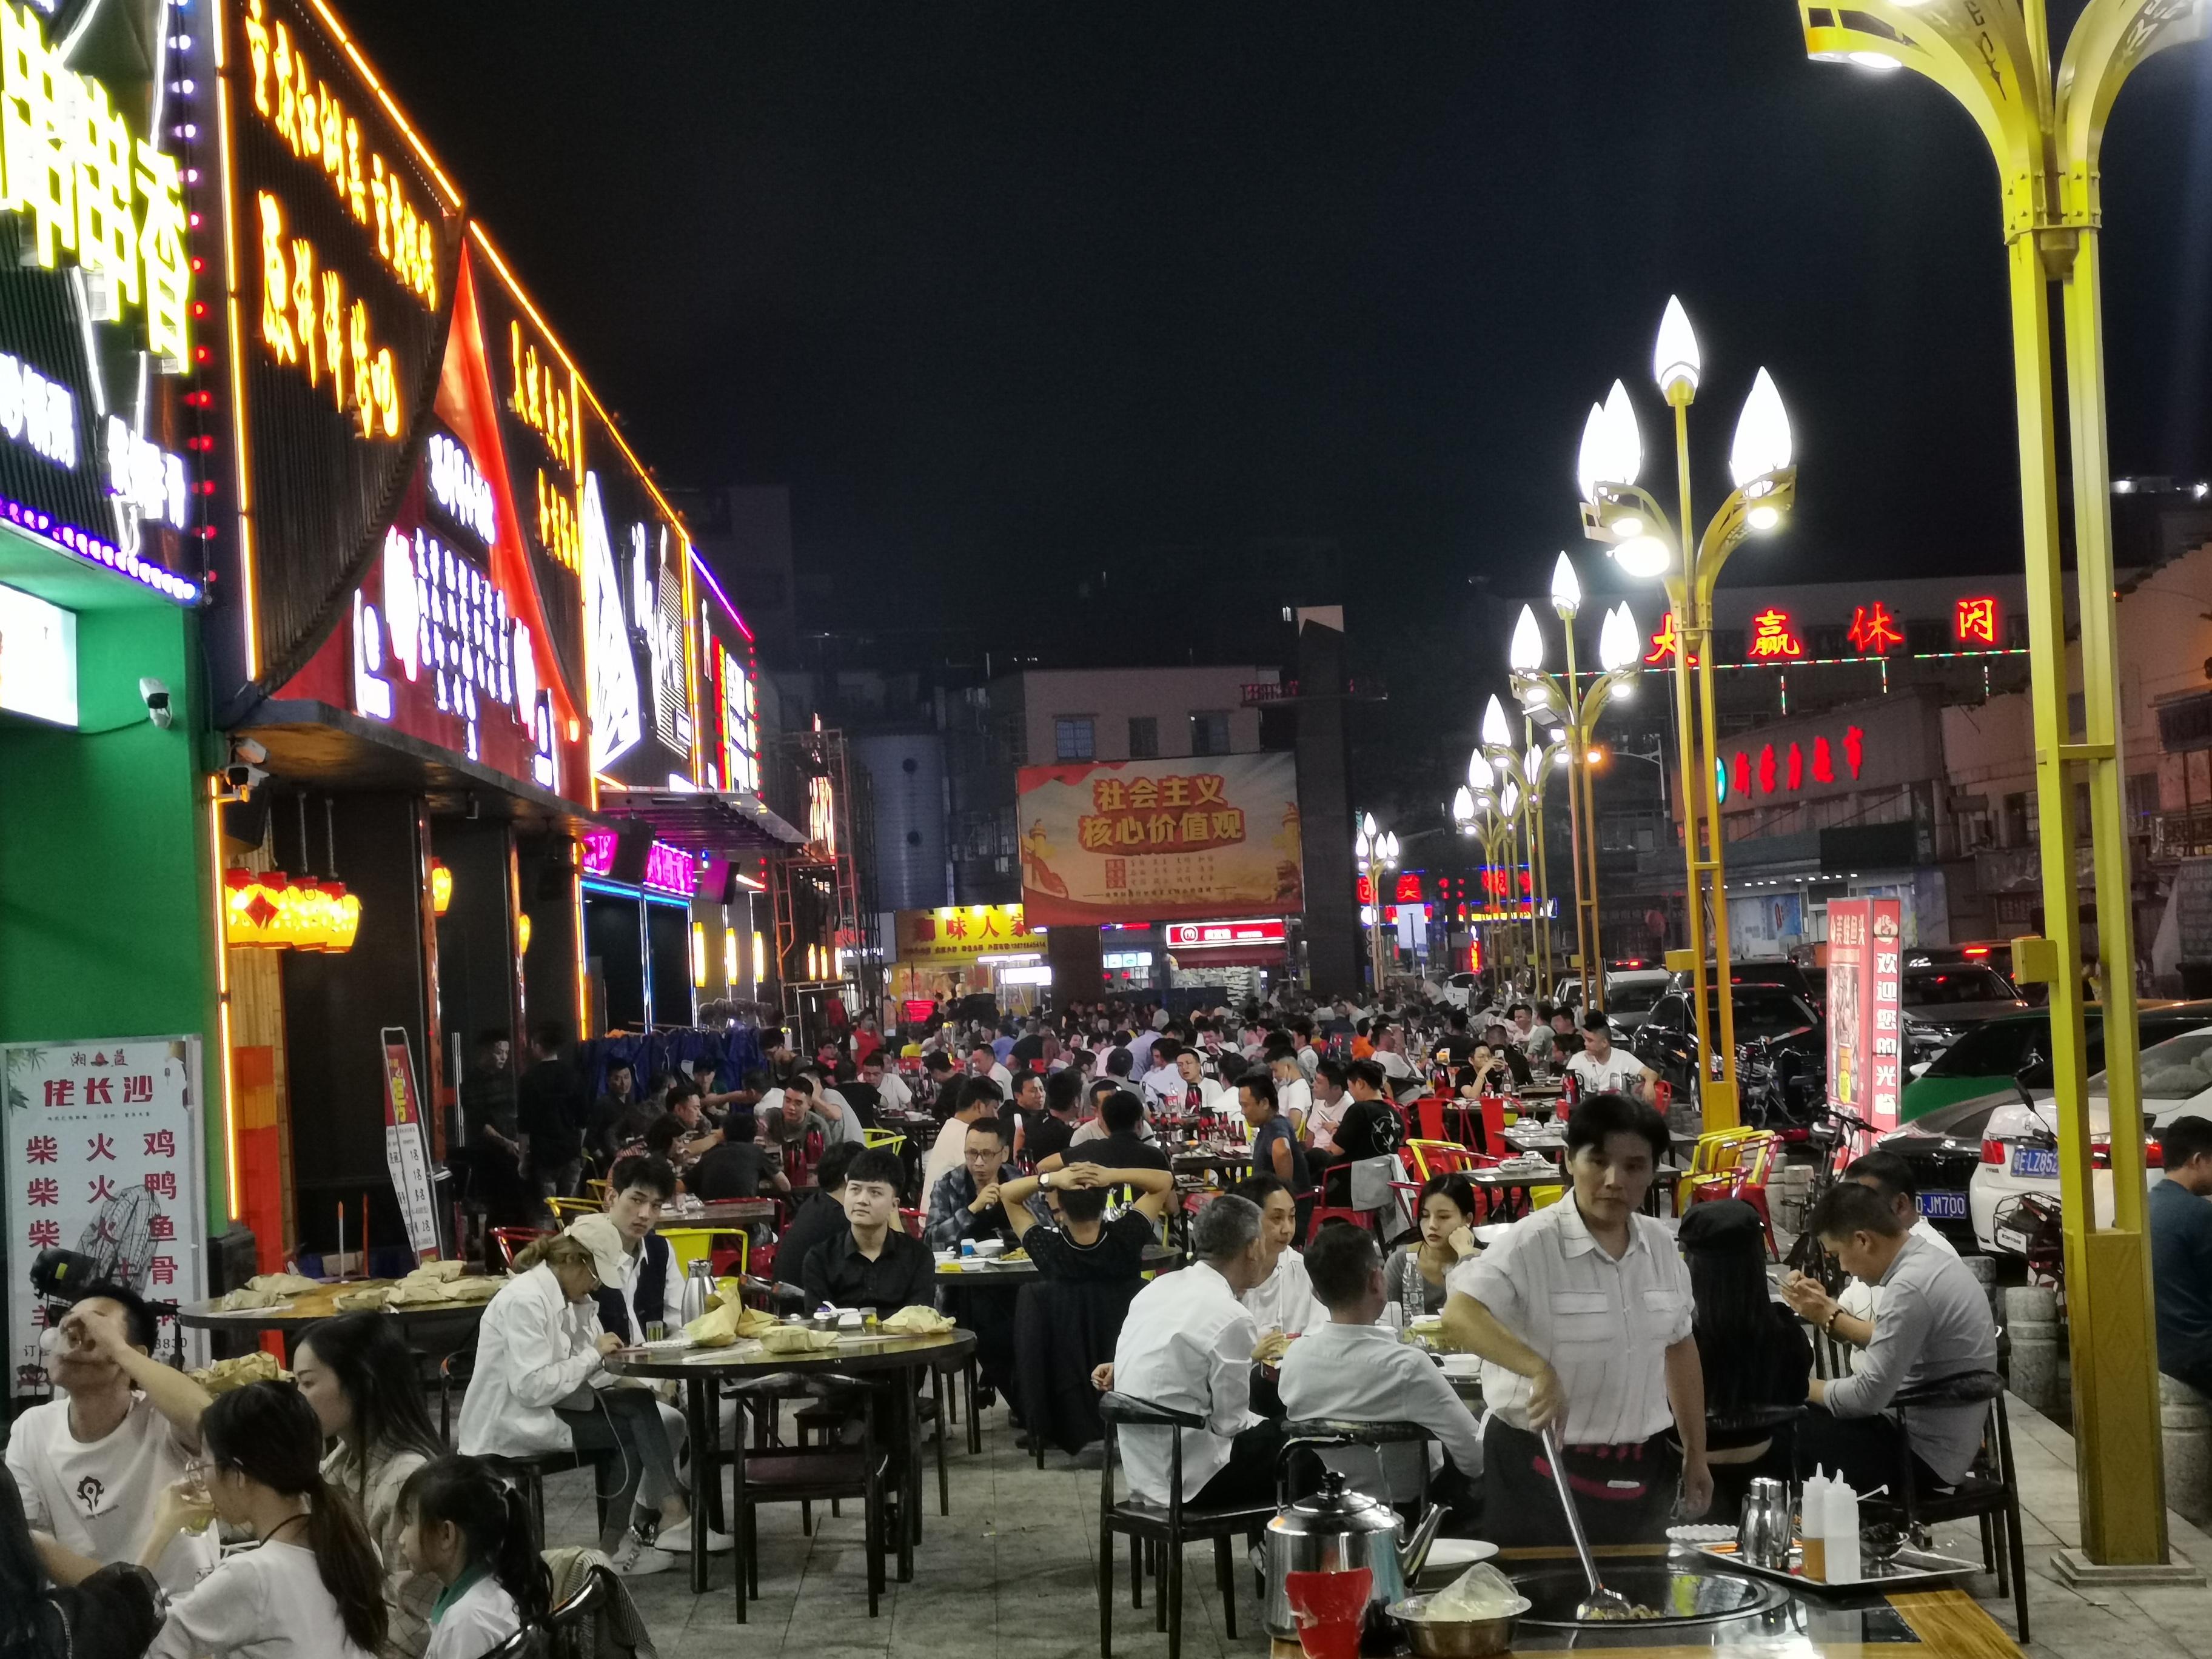 番禺这条美食街人气旺 夜间经济热起来